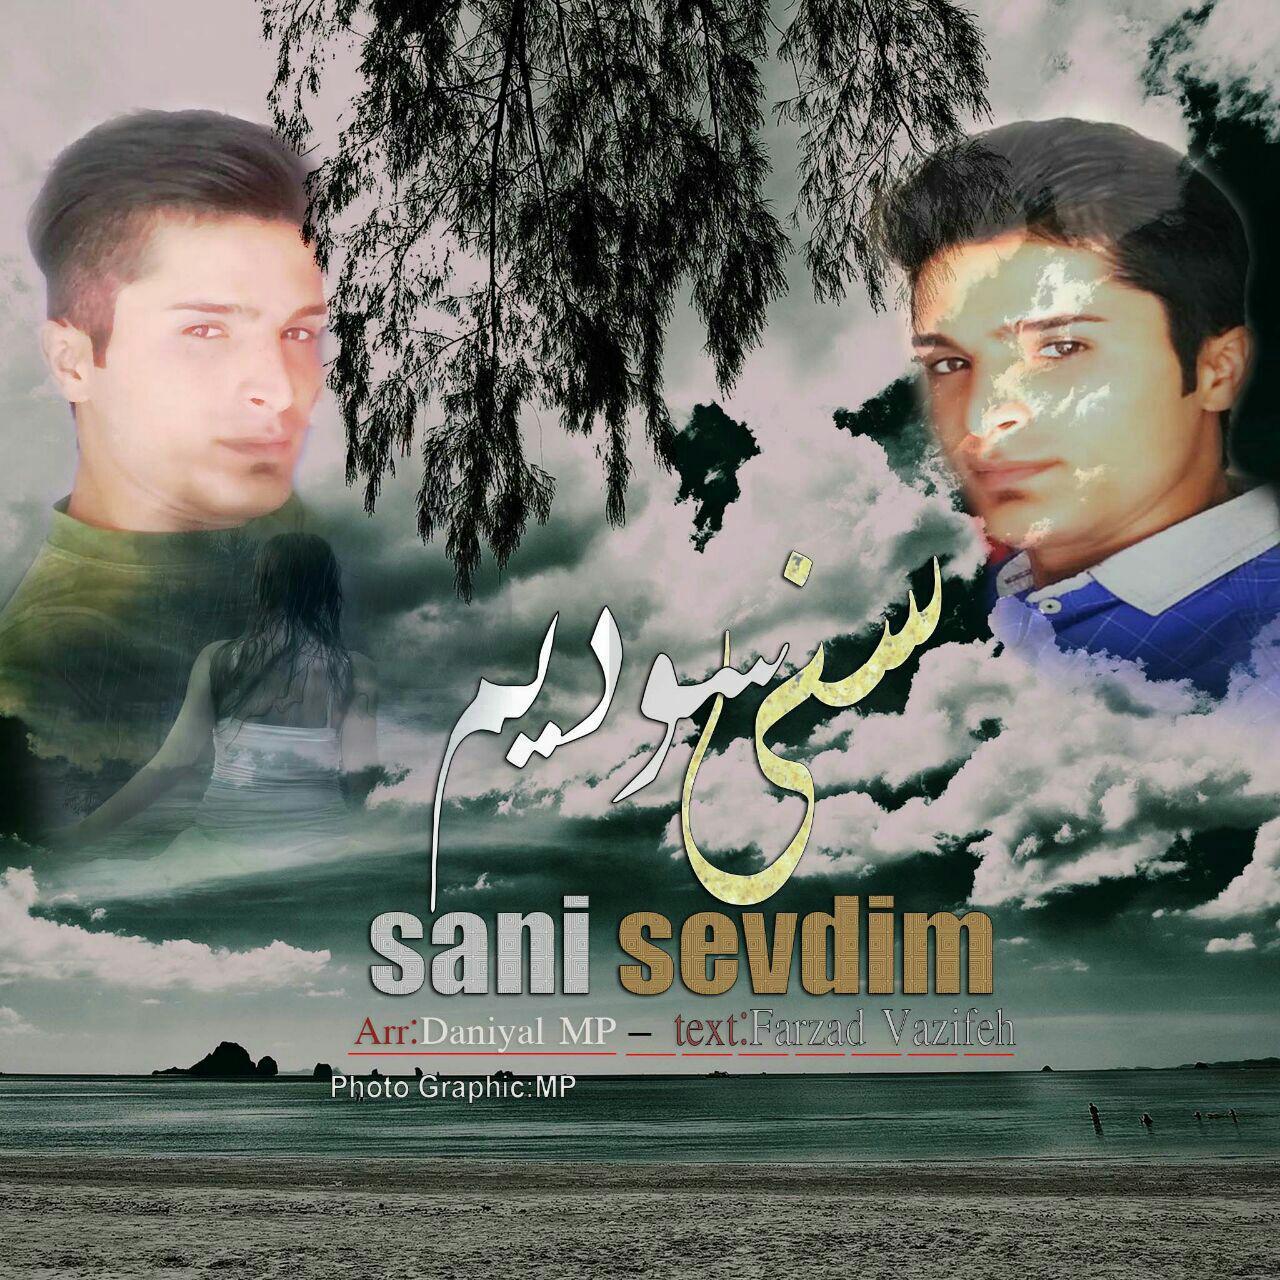 http://s8.picofile.com/file/8305993450/04Farzad_Vazifeh_Sani_Sevdim.jpg